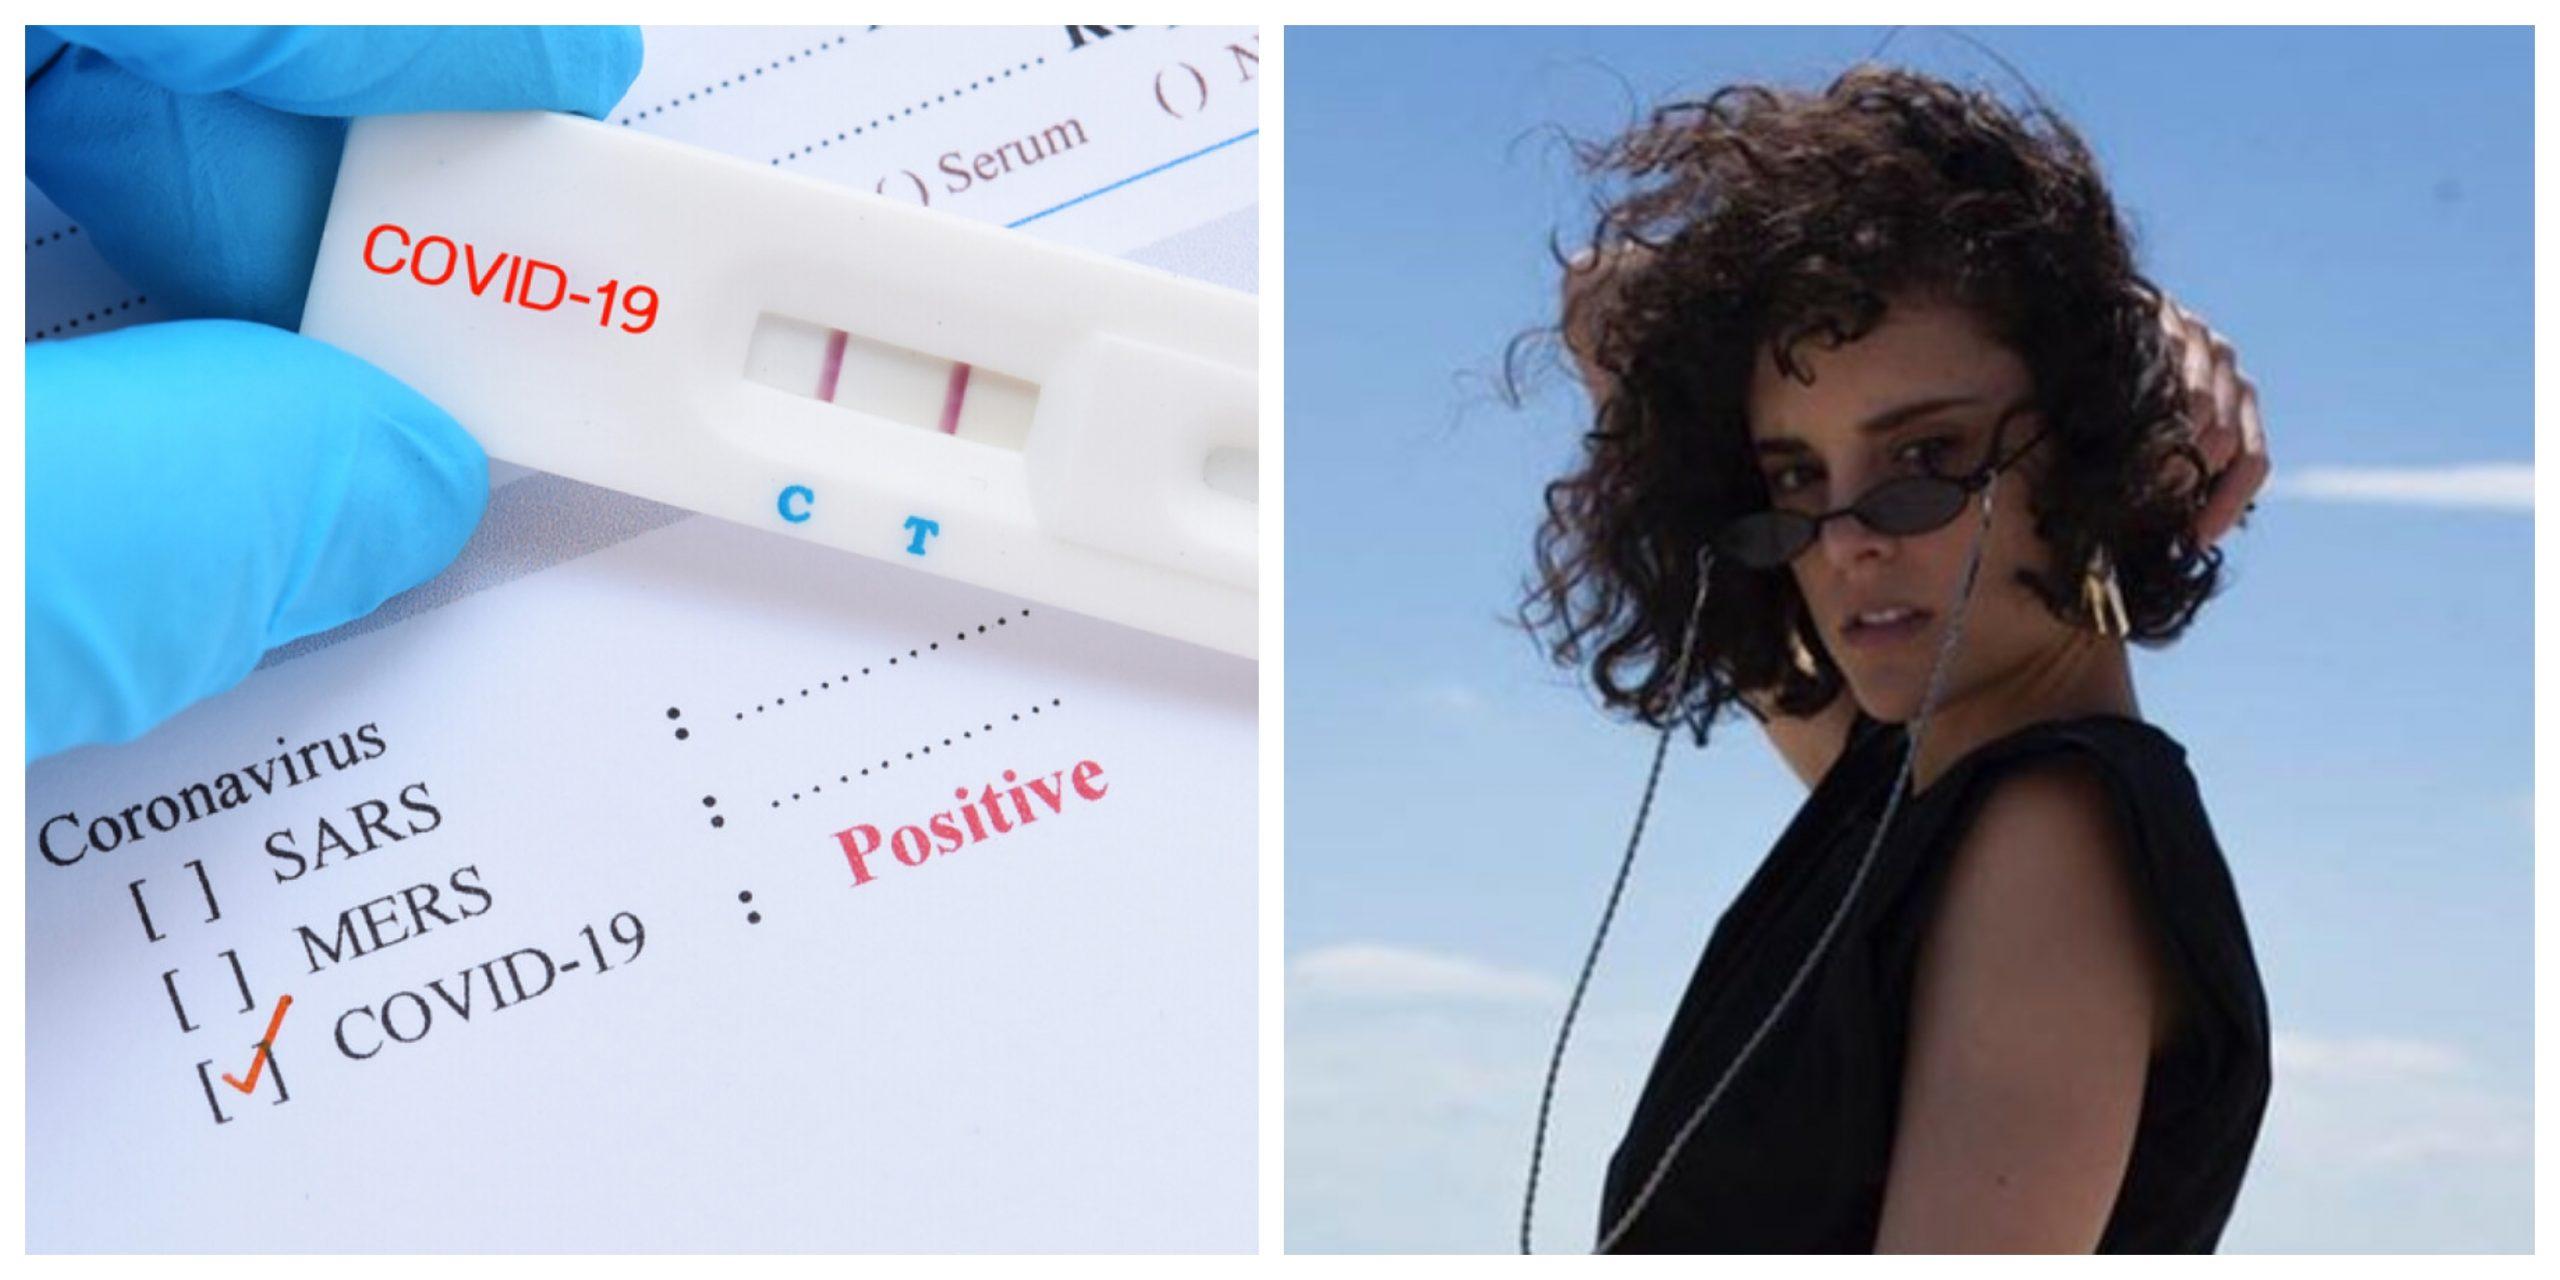 """O cunoscută actriță a fost confirmată cu coronavirus: """"A venit rezultatul și este pozitiv. """""""